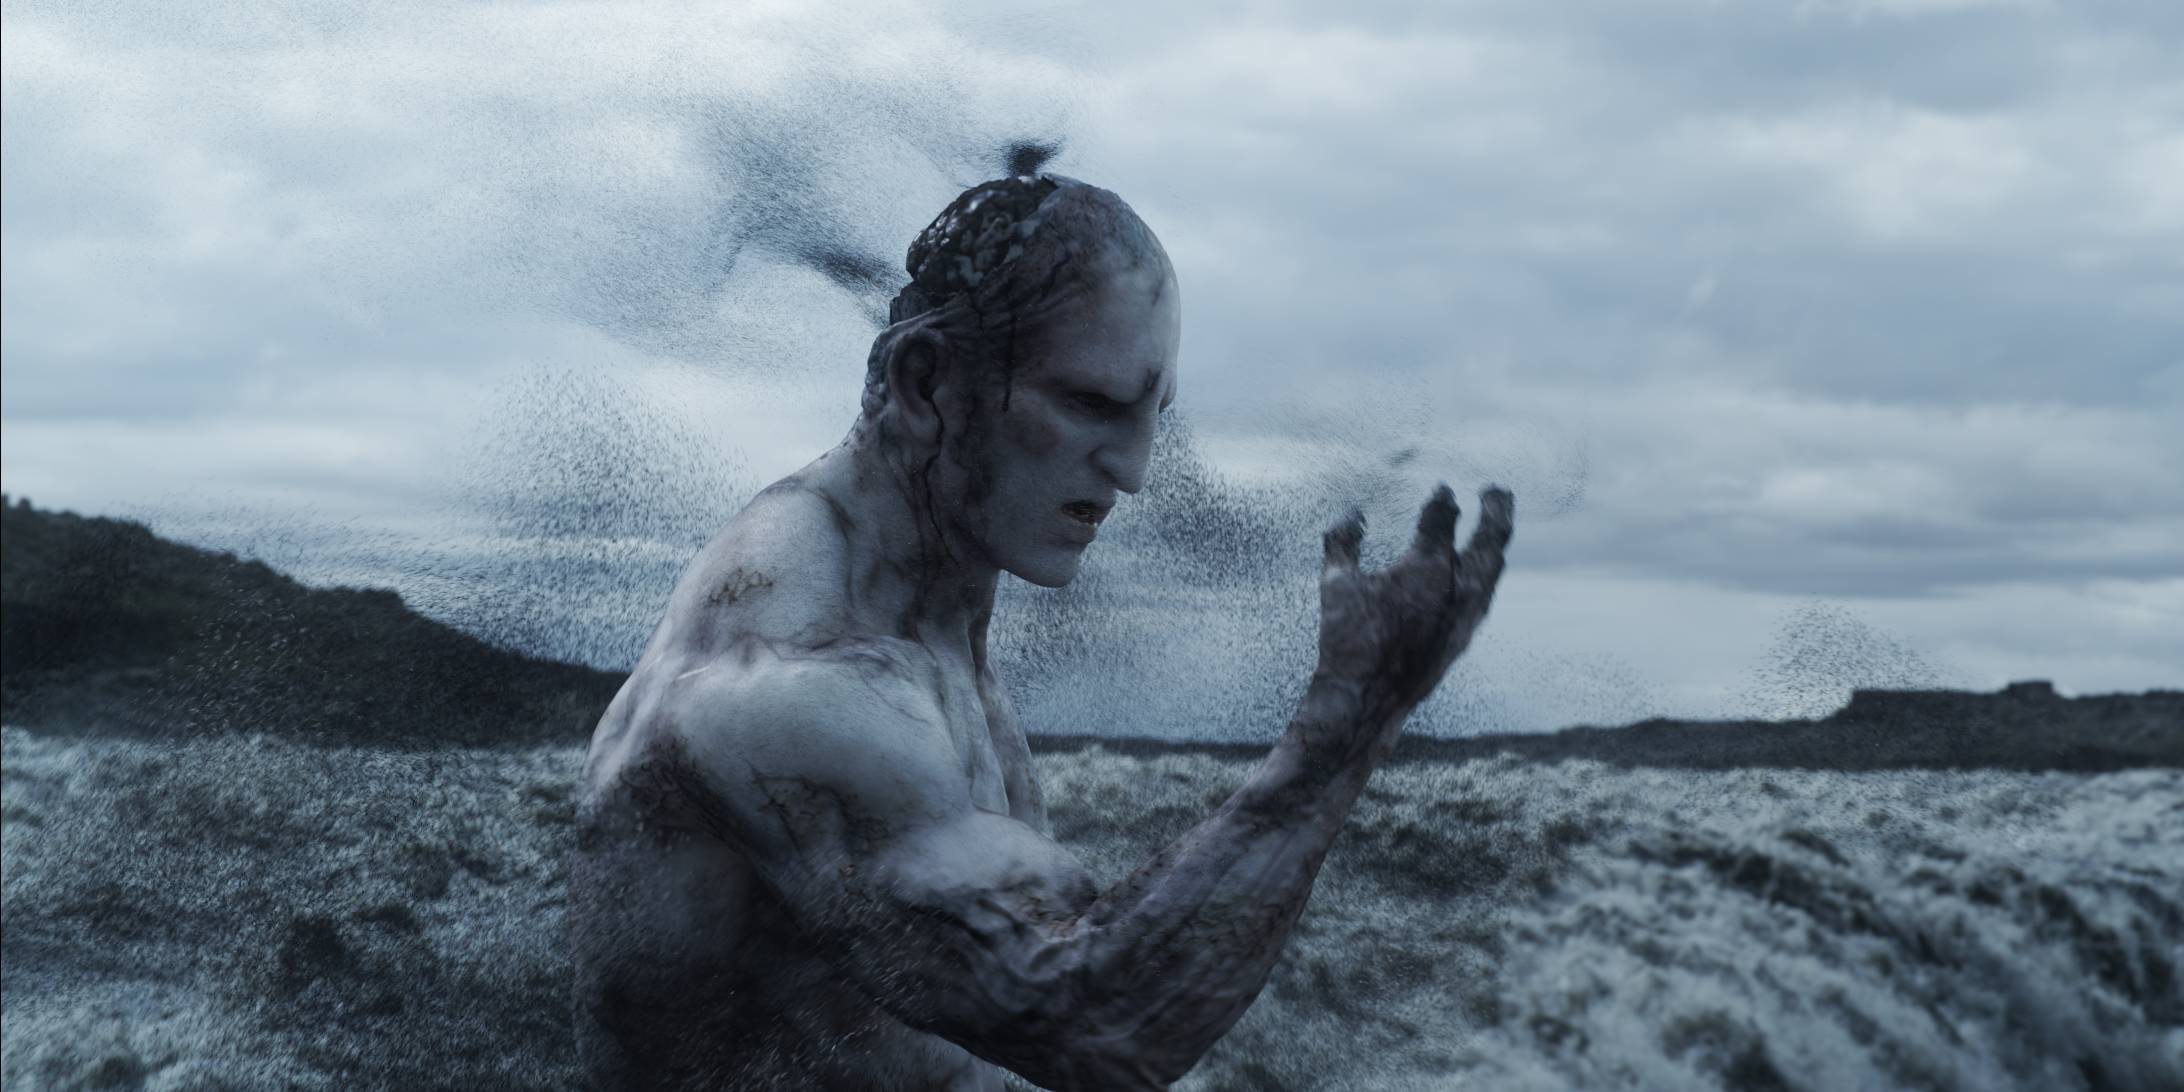 Prometheus | thesocietyforfilm.com